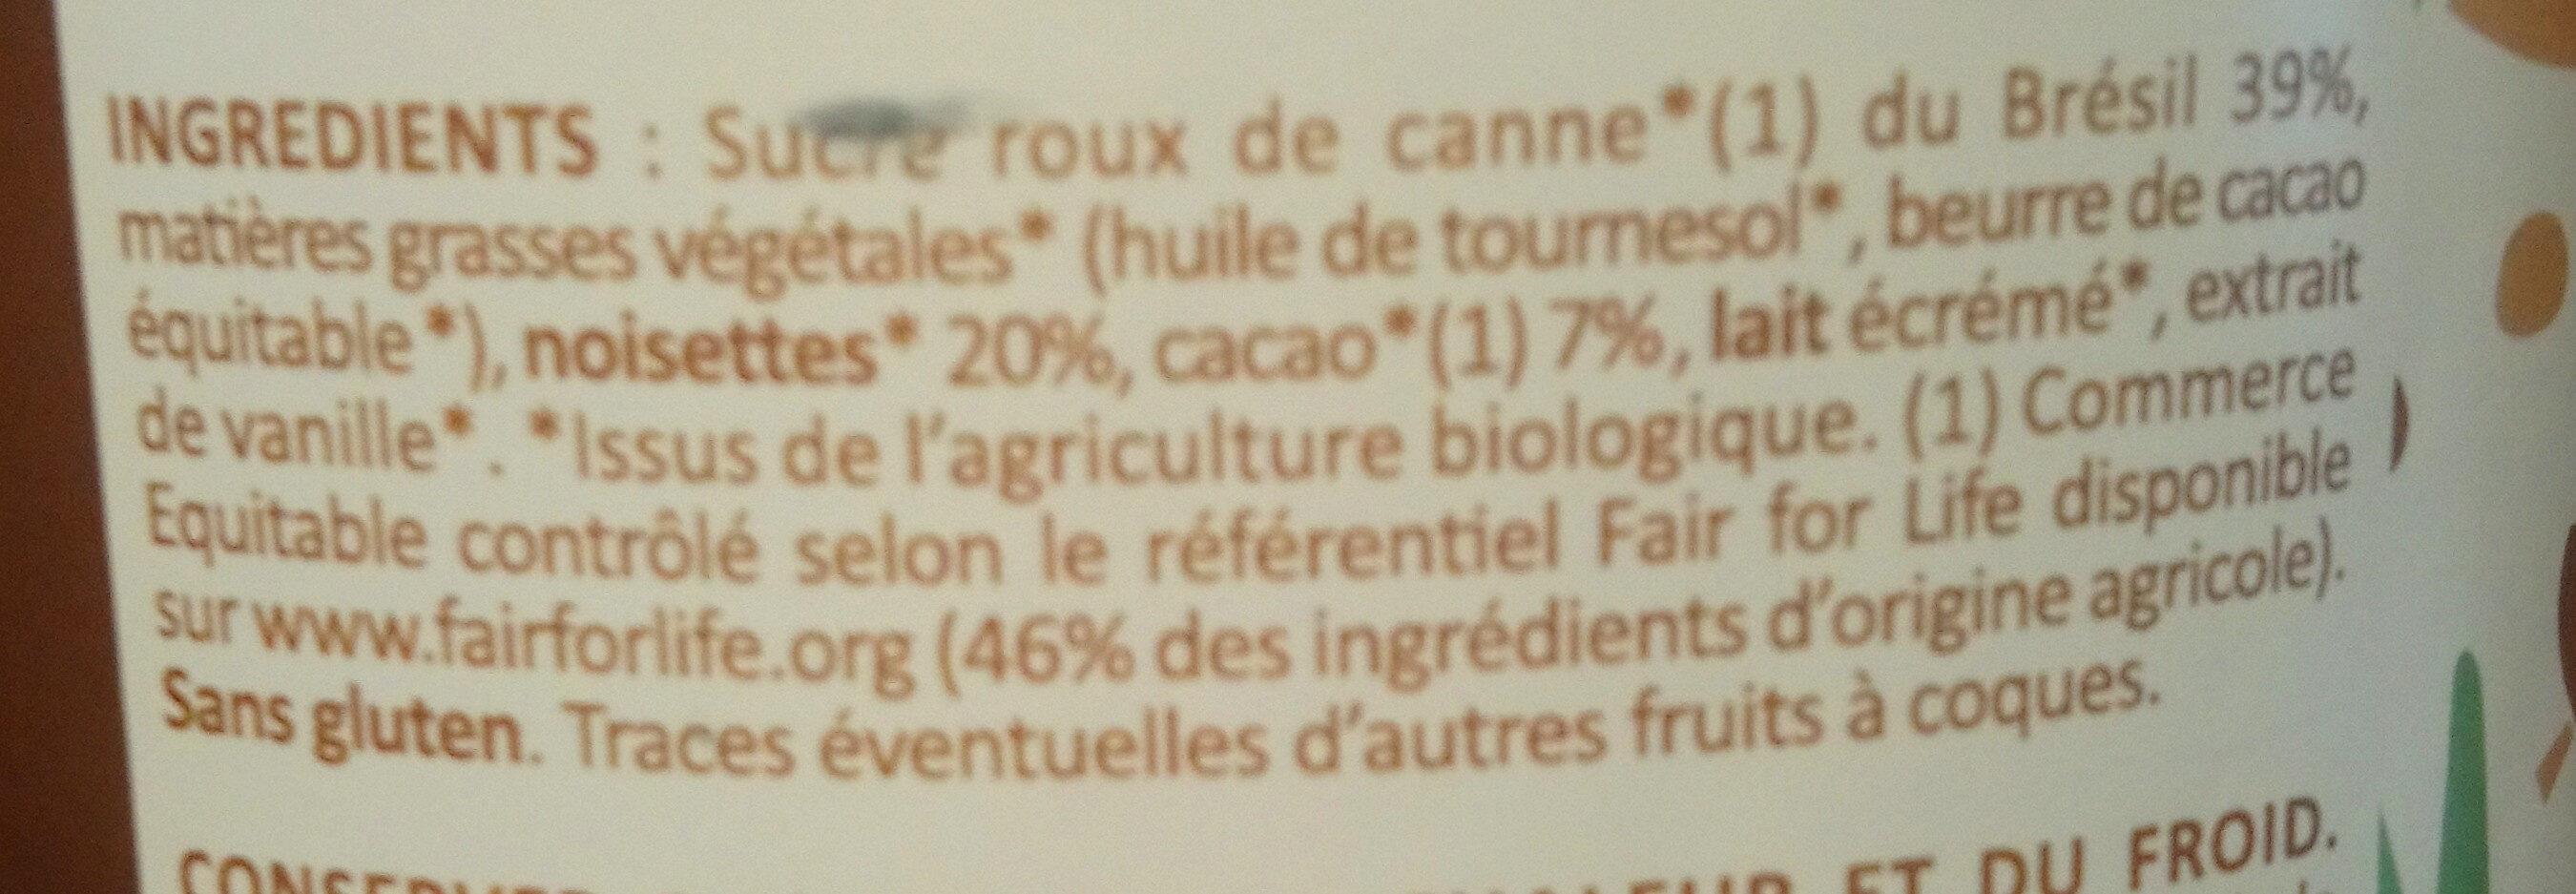 choko noisette - Ingredients - fr